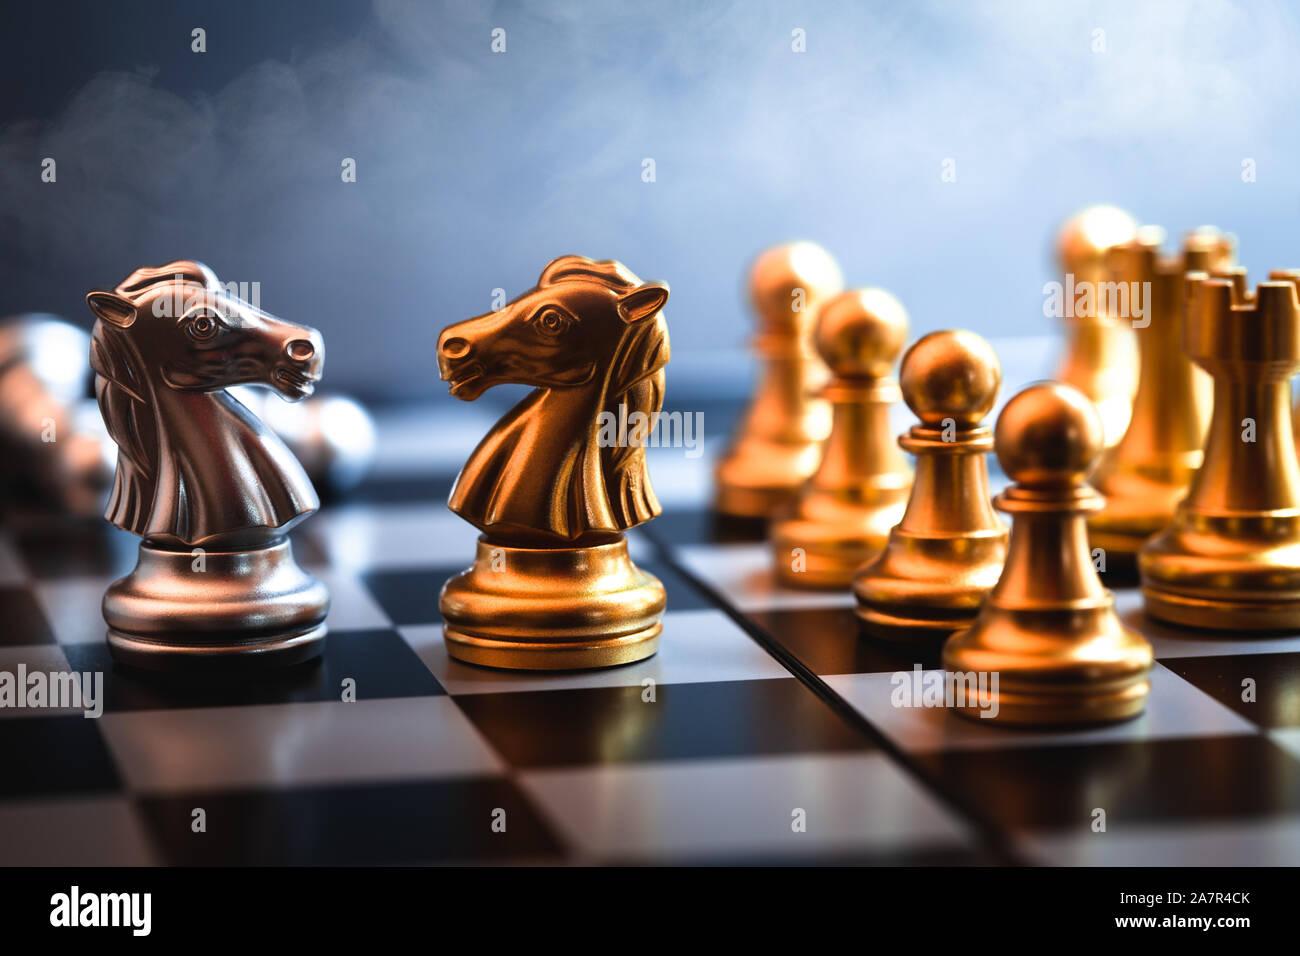 Caballo de ajedrez enfrentado juntos representan de negociación comercial a un rival o enemigo en un juego de guerra comercial. Foto de stock